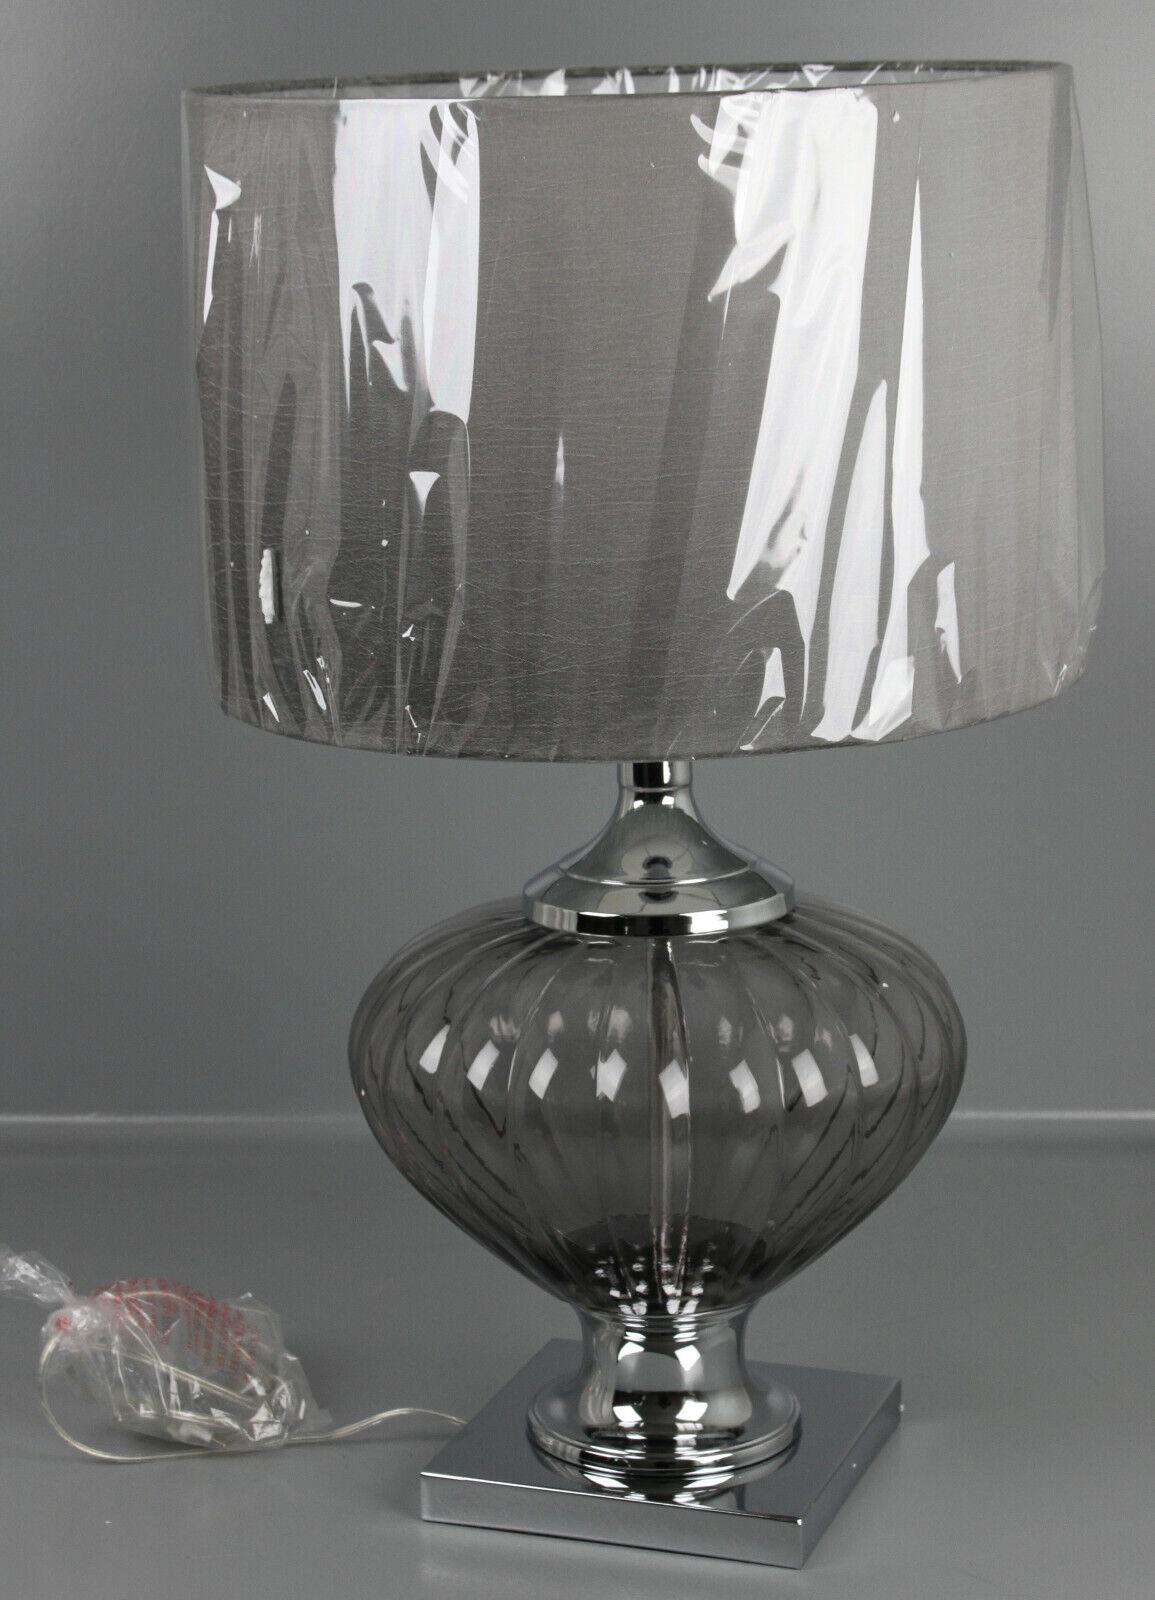 Tischlampe Tischlampe Tischlampe Glas Grau Schwarz Table Lamp Tischleuchte Stehlampe 69cm H T1-79.06UH | Deutschland Online Shop  |  f8c6cc